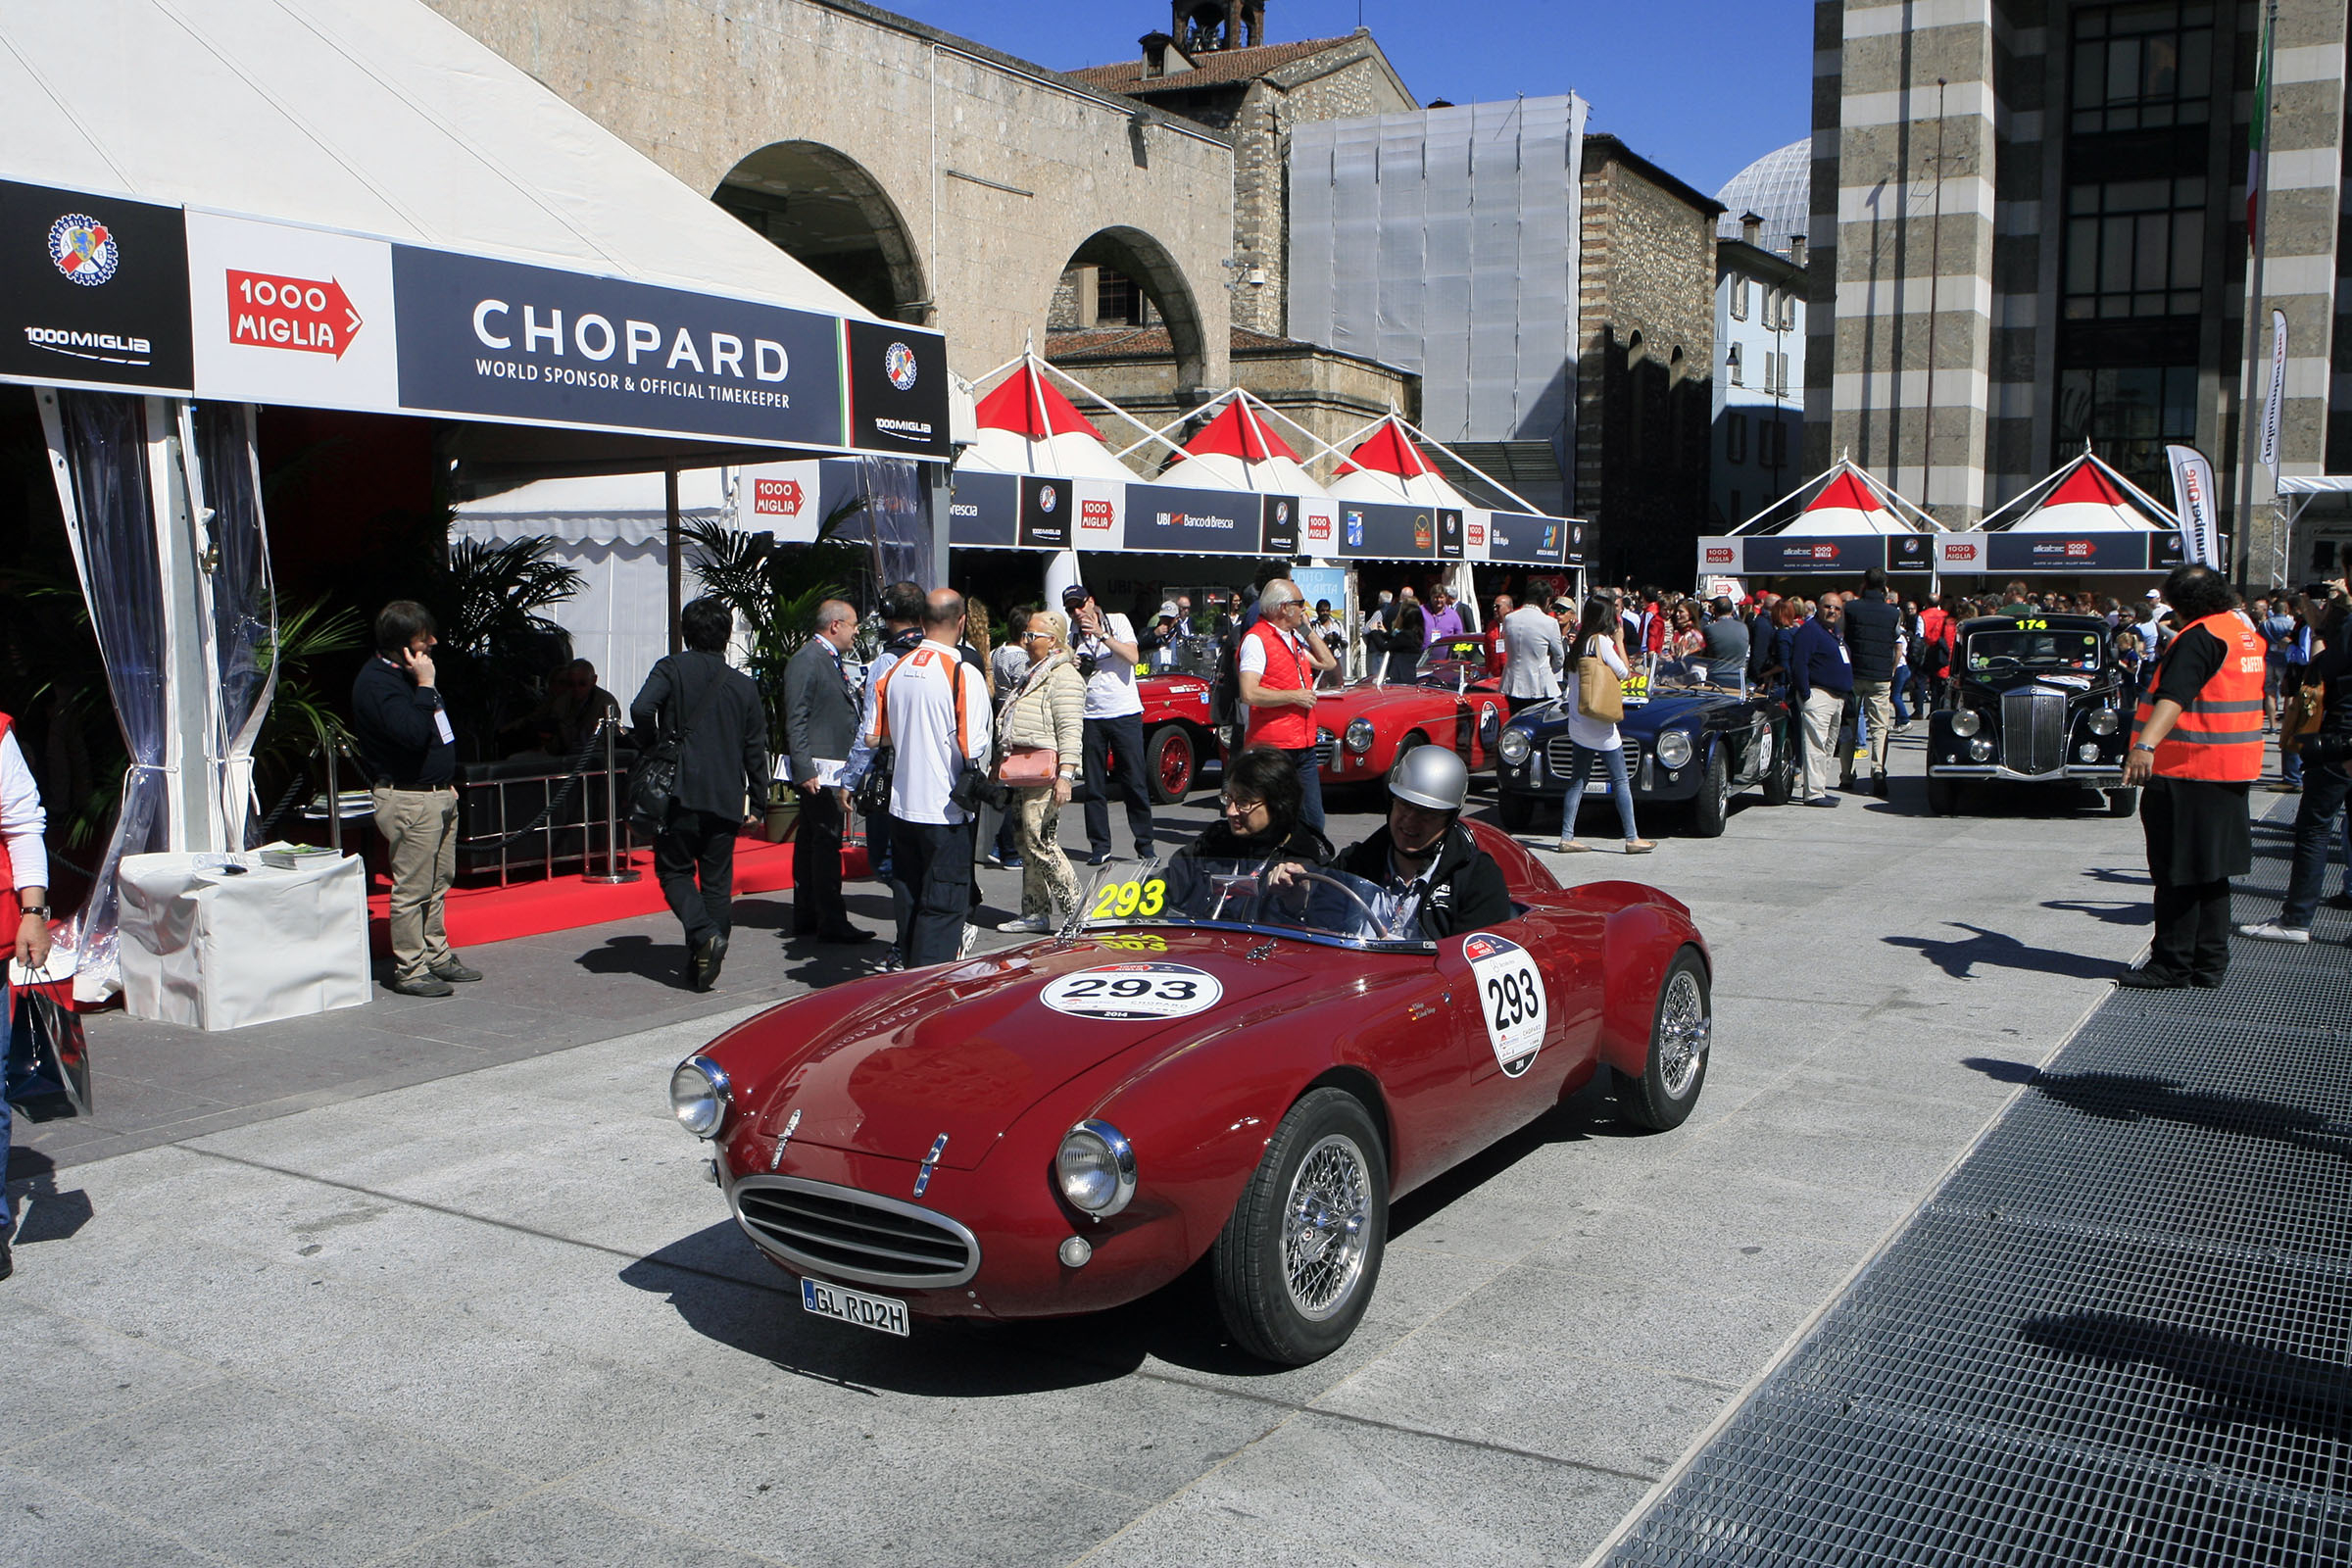 293 - DOLEGA Ralph (D) + SCHAAF - DOLEGA Brigit (D) Bianchi Pan. 750 Sport Colli (1954)